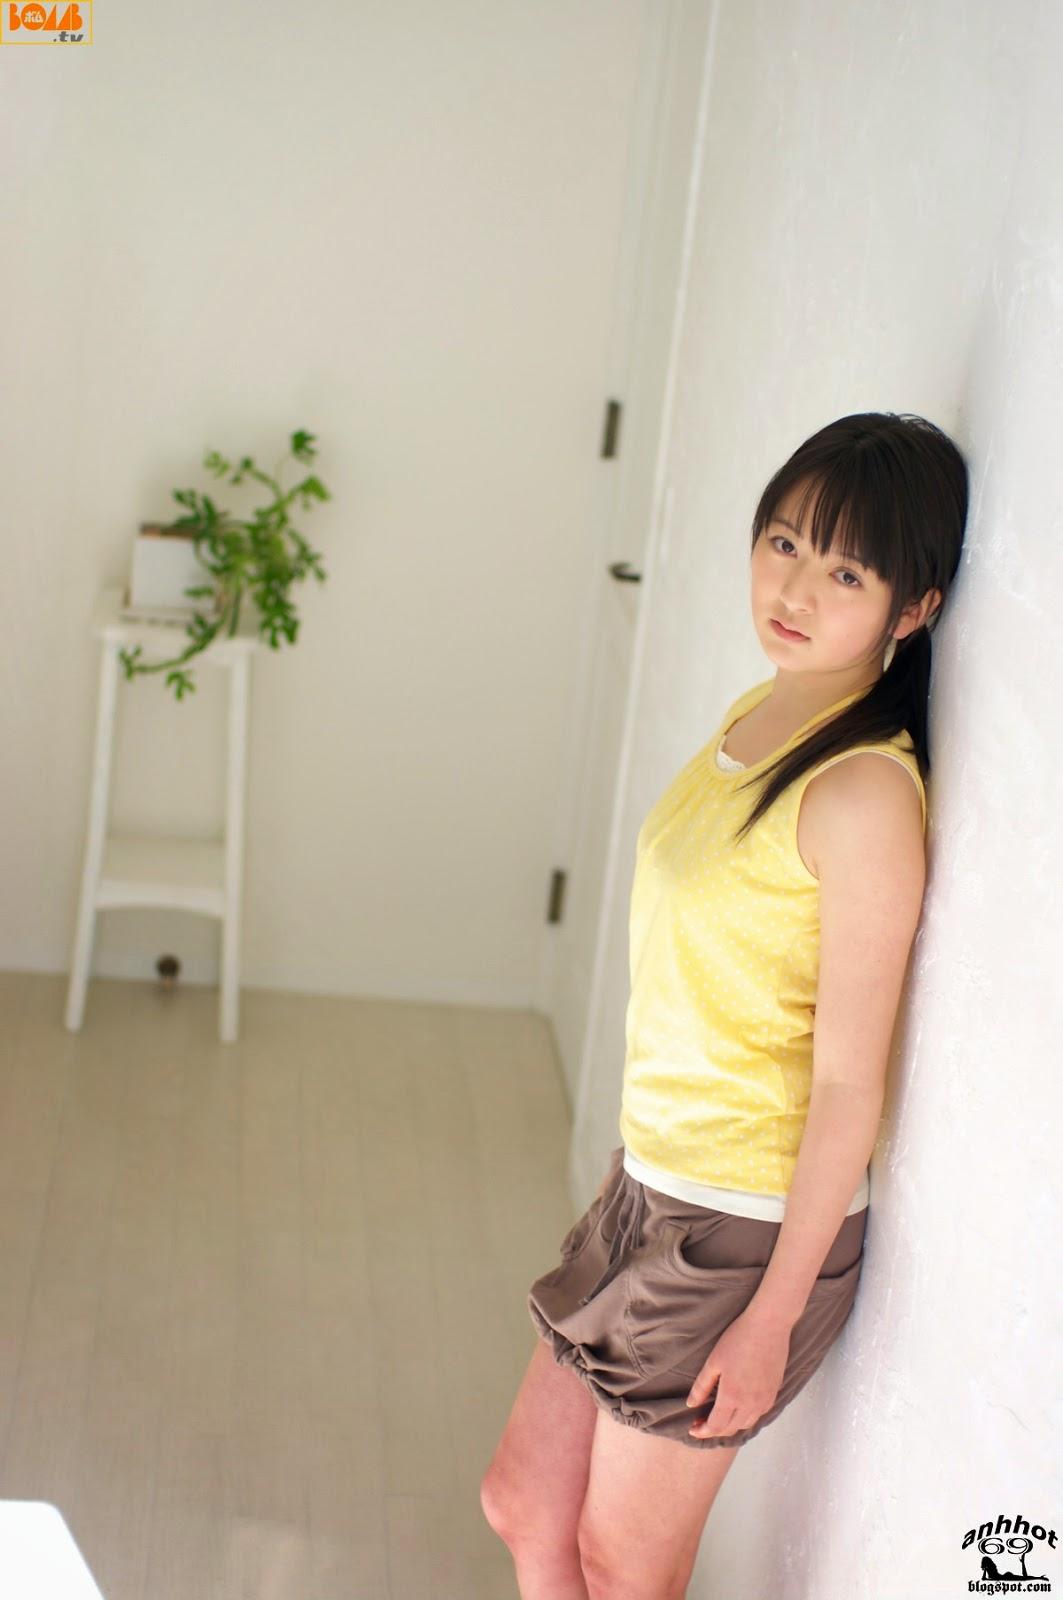 saki-takayama-00855662